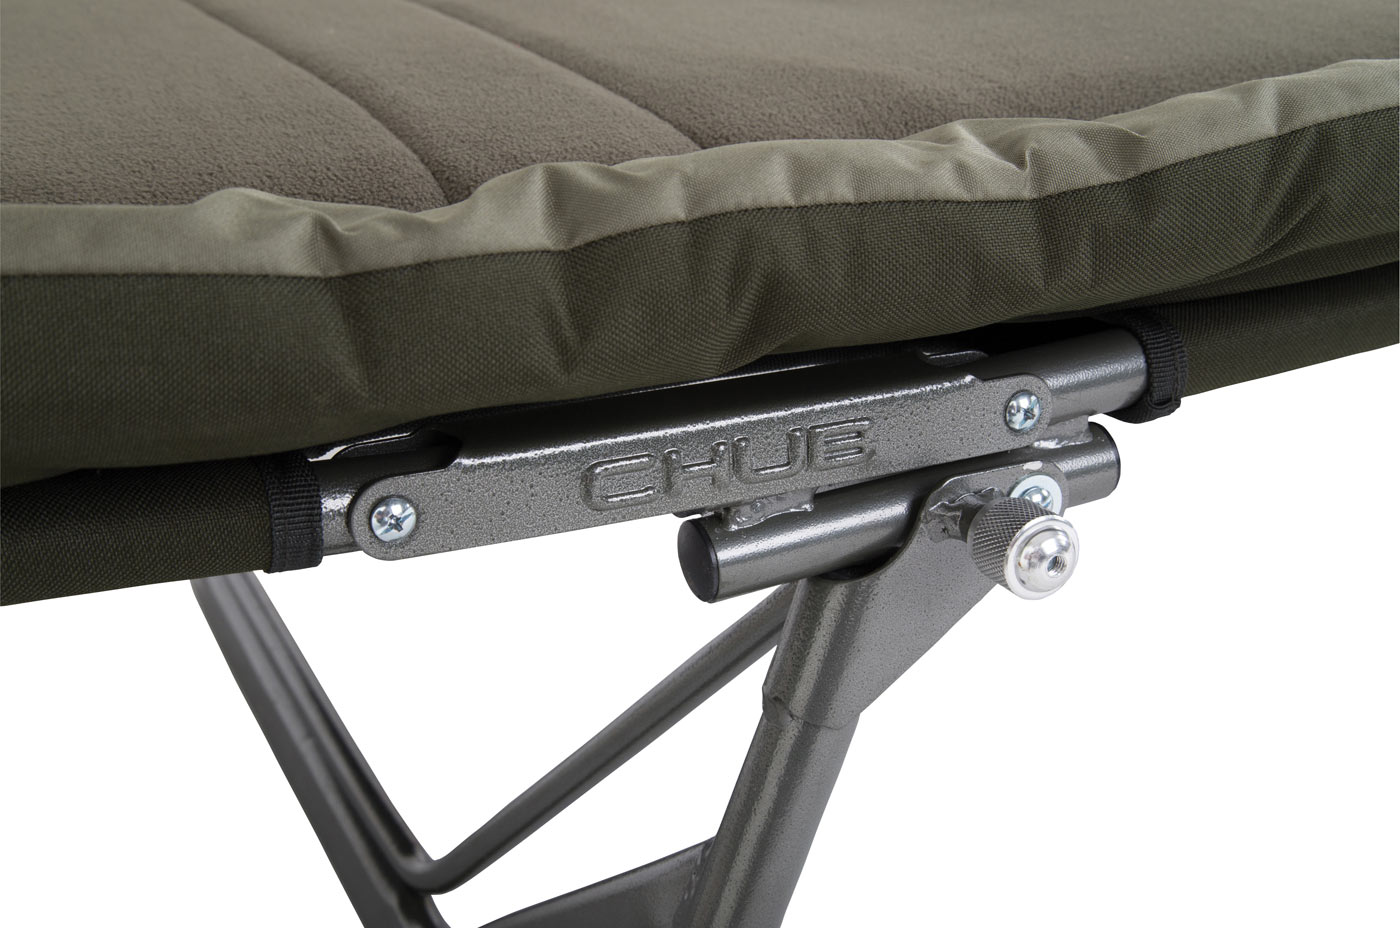 Кресло-кровать Chub Vantage Flatbed 6 ножек